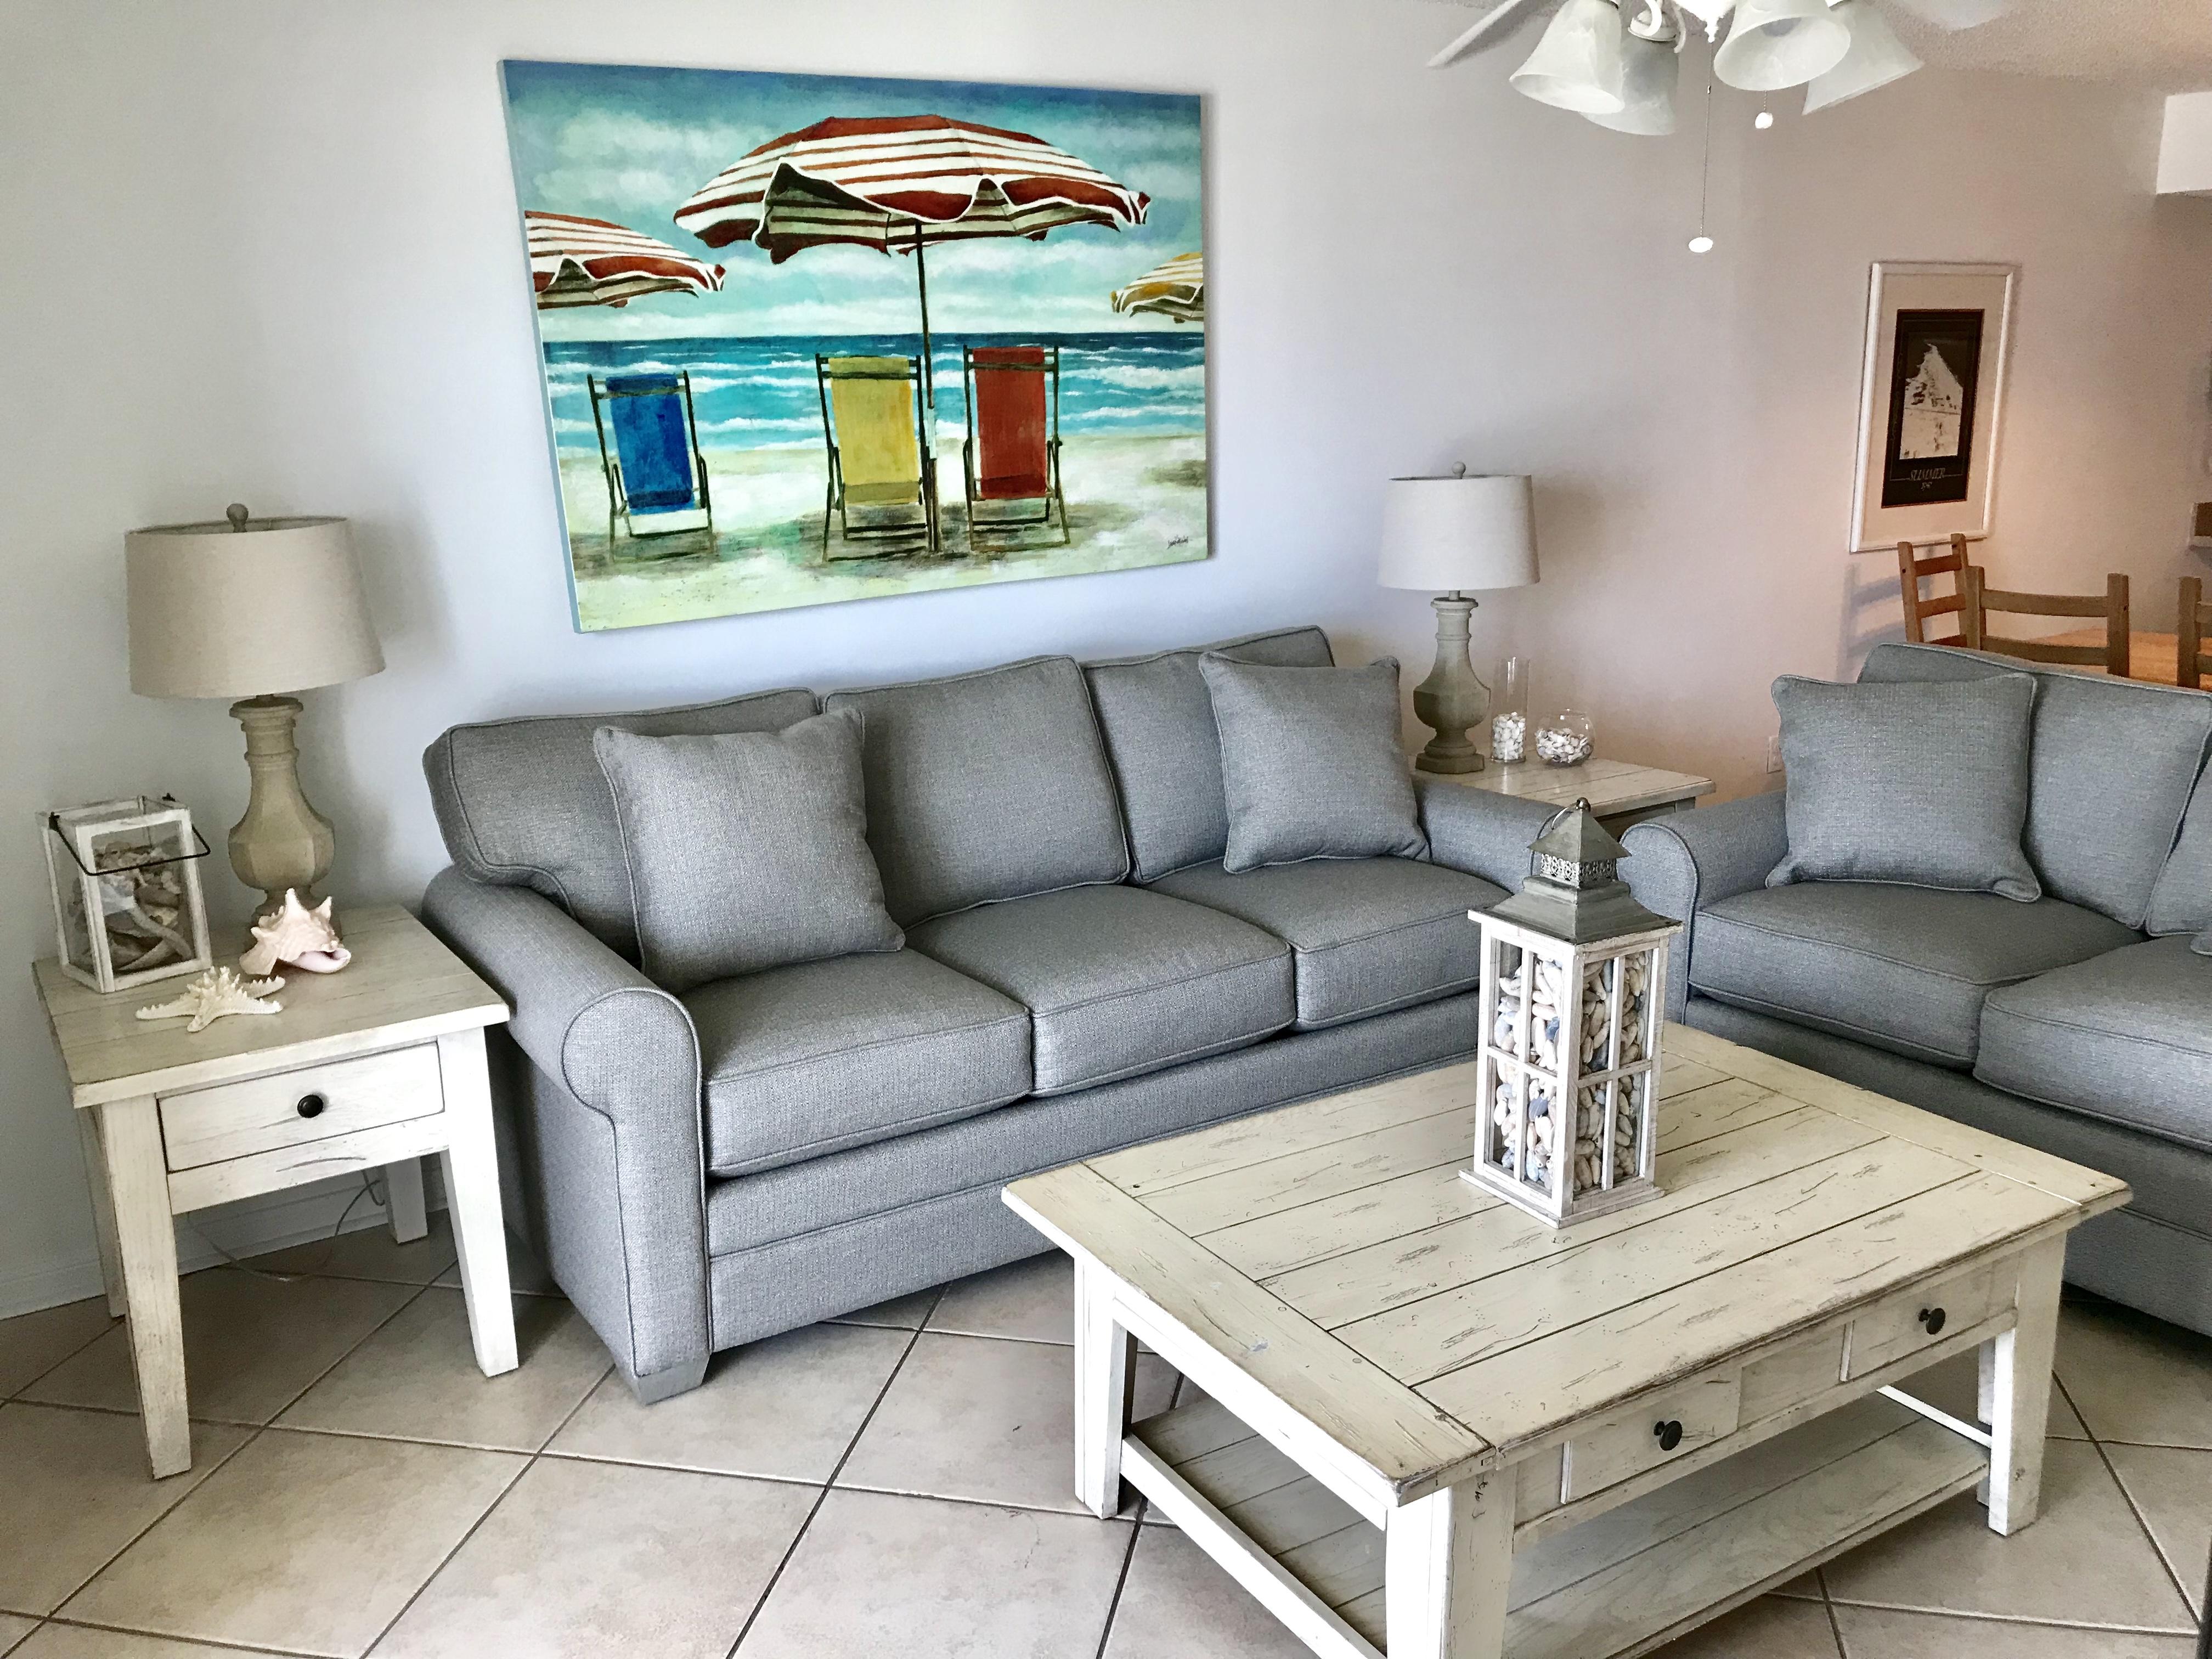 Ocean House 2403 Condo rental in Ocean House - Gulf Shores in Gulf Shores Alabama - #1